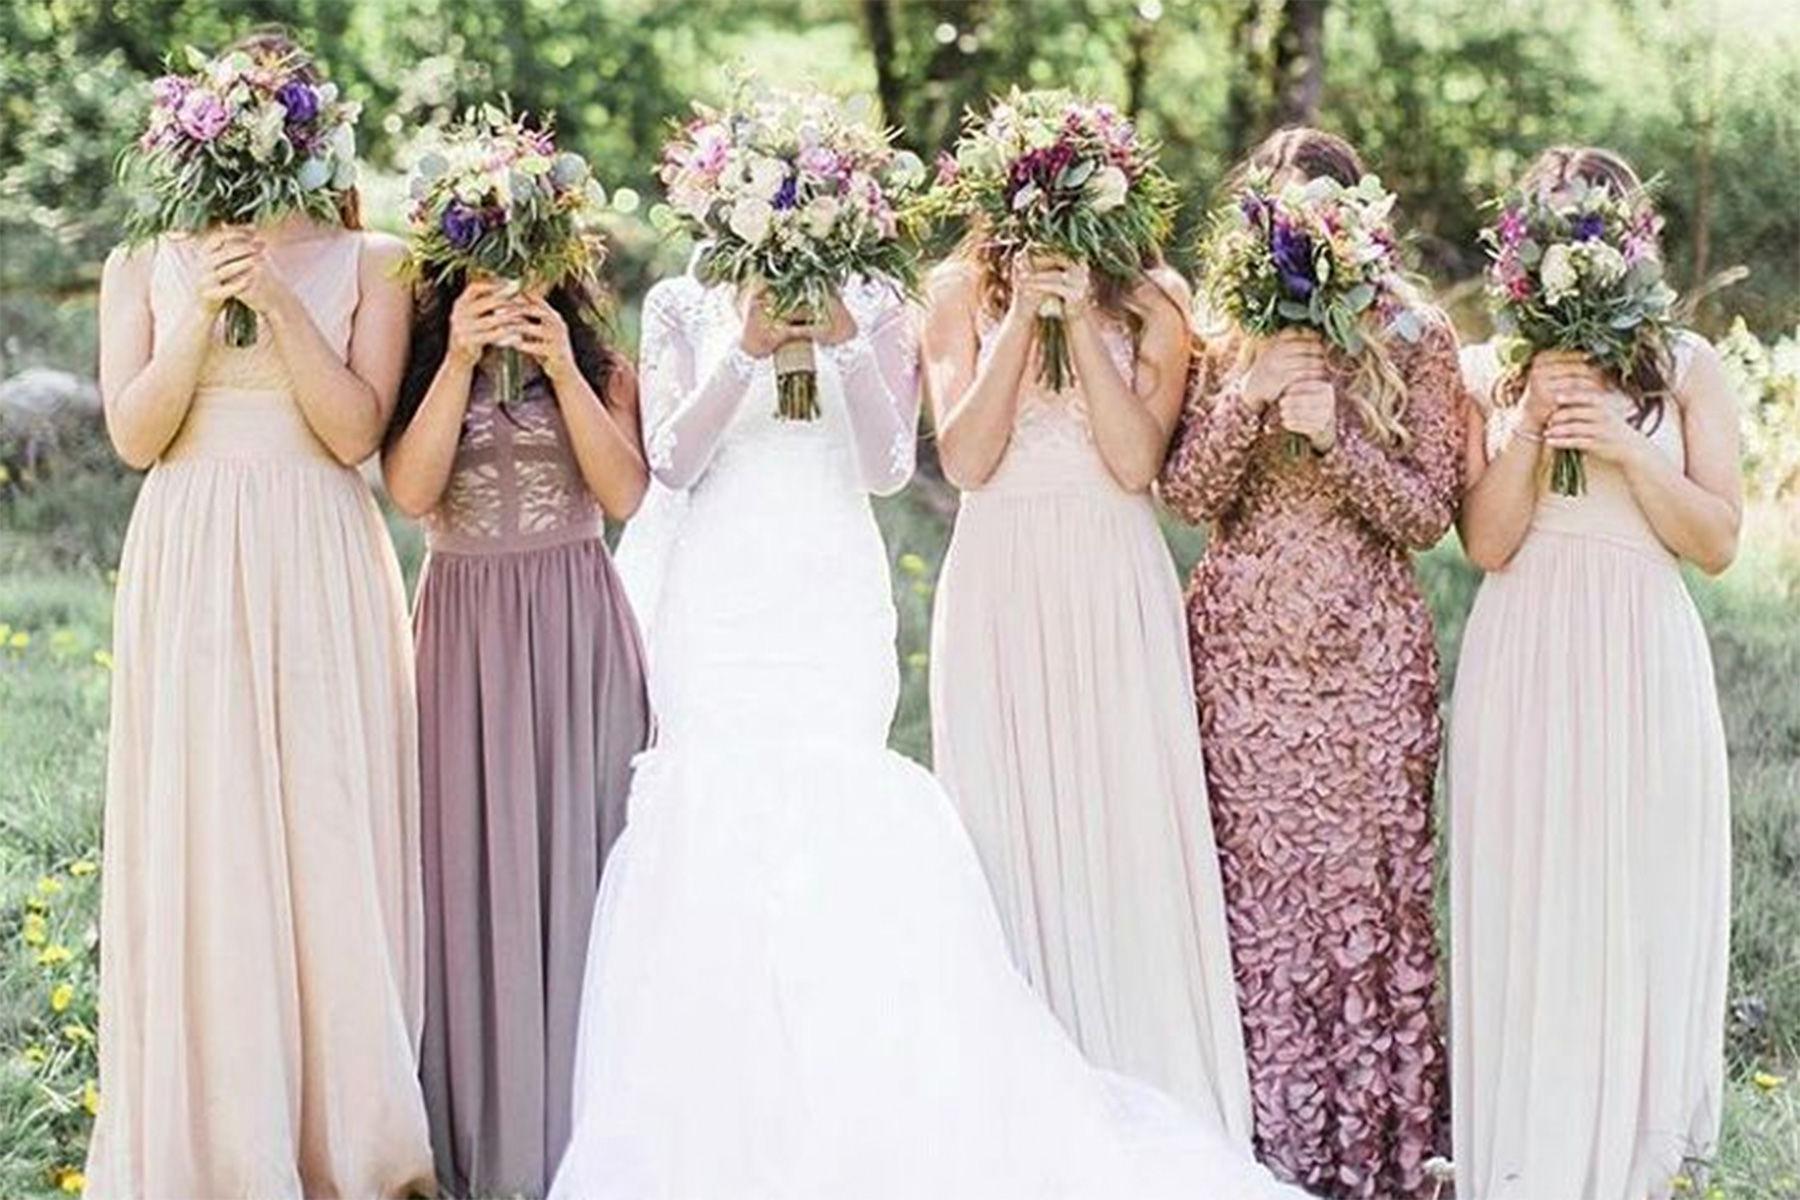 10 Wunderbar Schöne Abendkleider Für Hochzeit StylishDesigner Ausgezeichnet Schöne Abendkleider Für Hochzeit für 2019